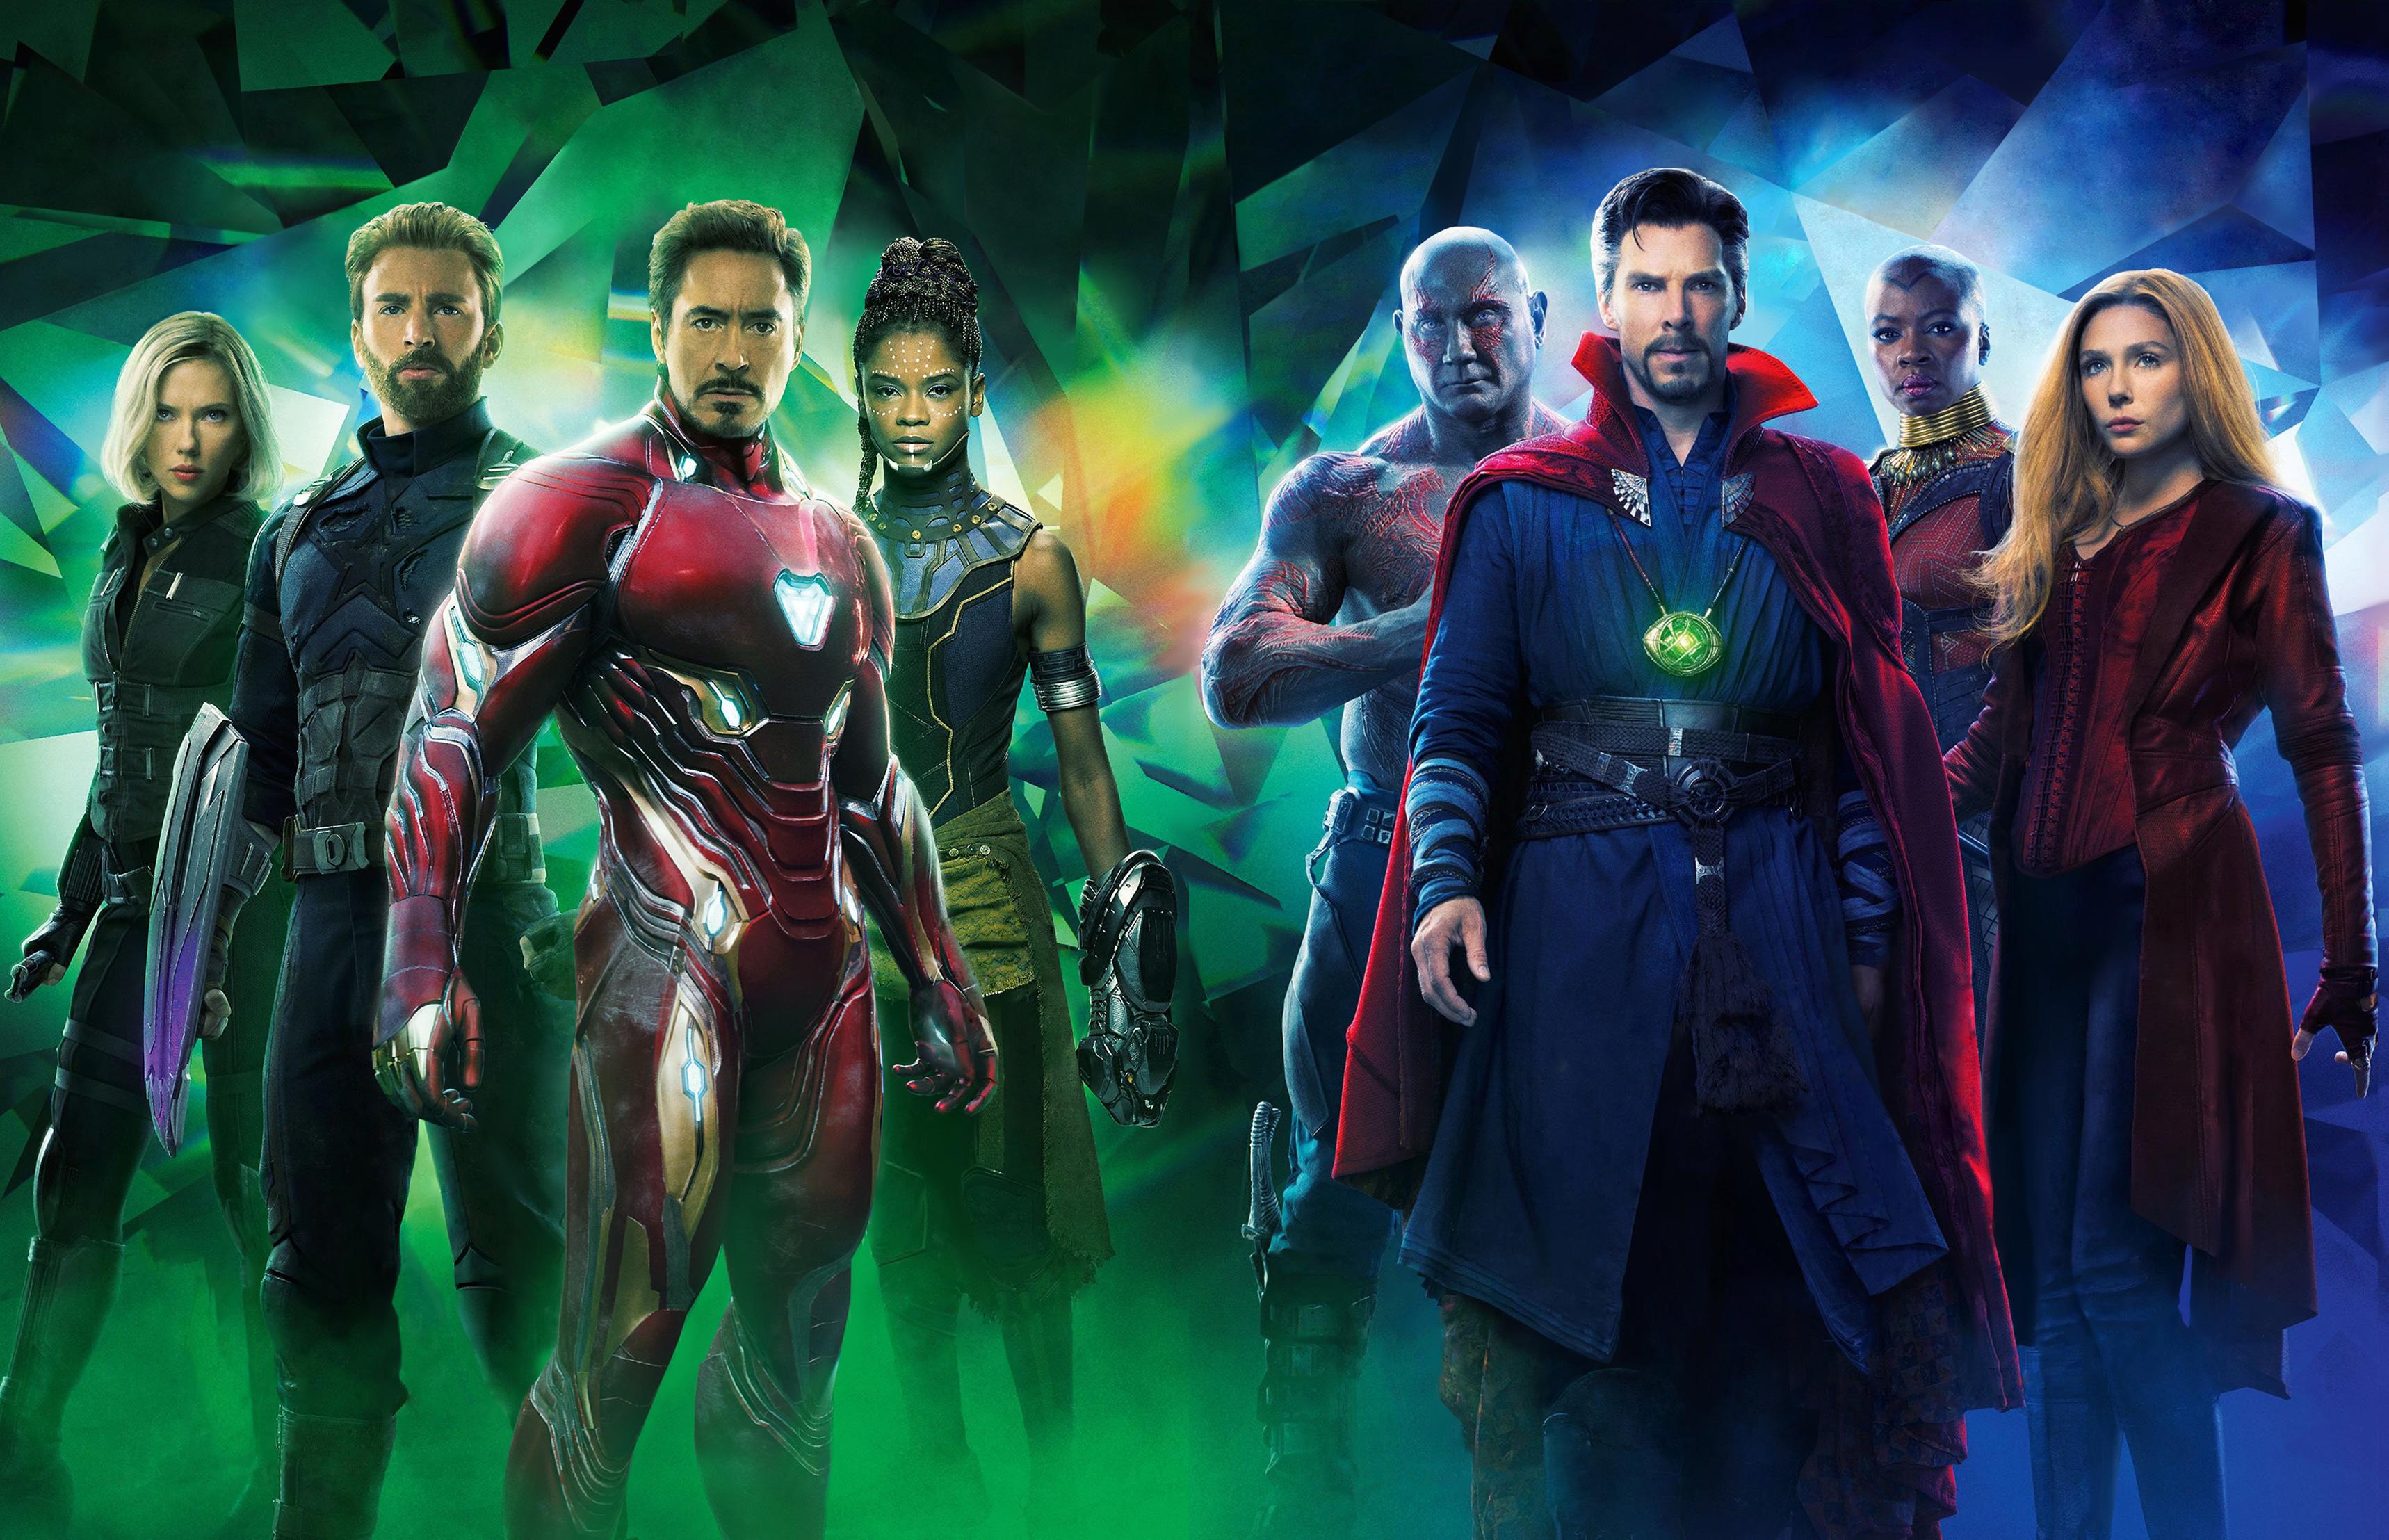 Wallpaper Avengers Infinity War Benedict Cumberbatch Doctor